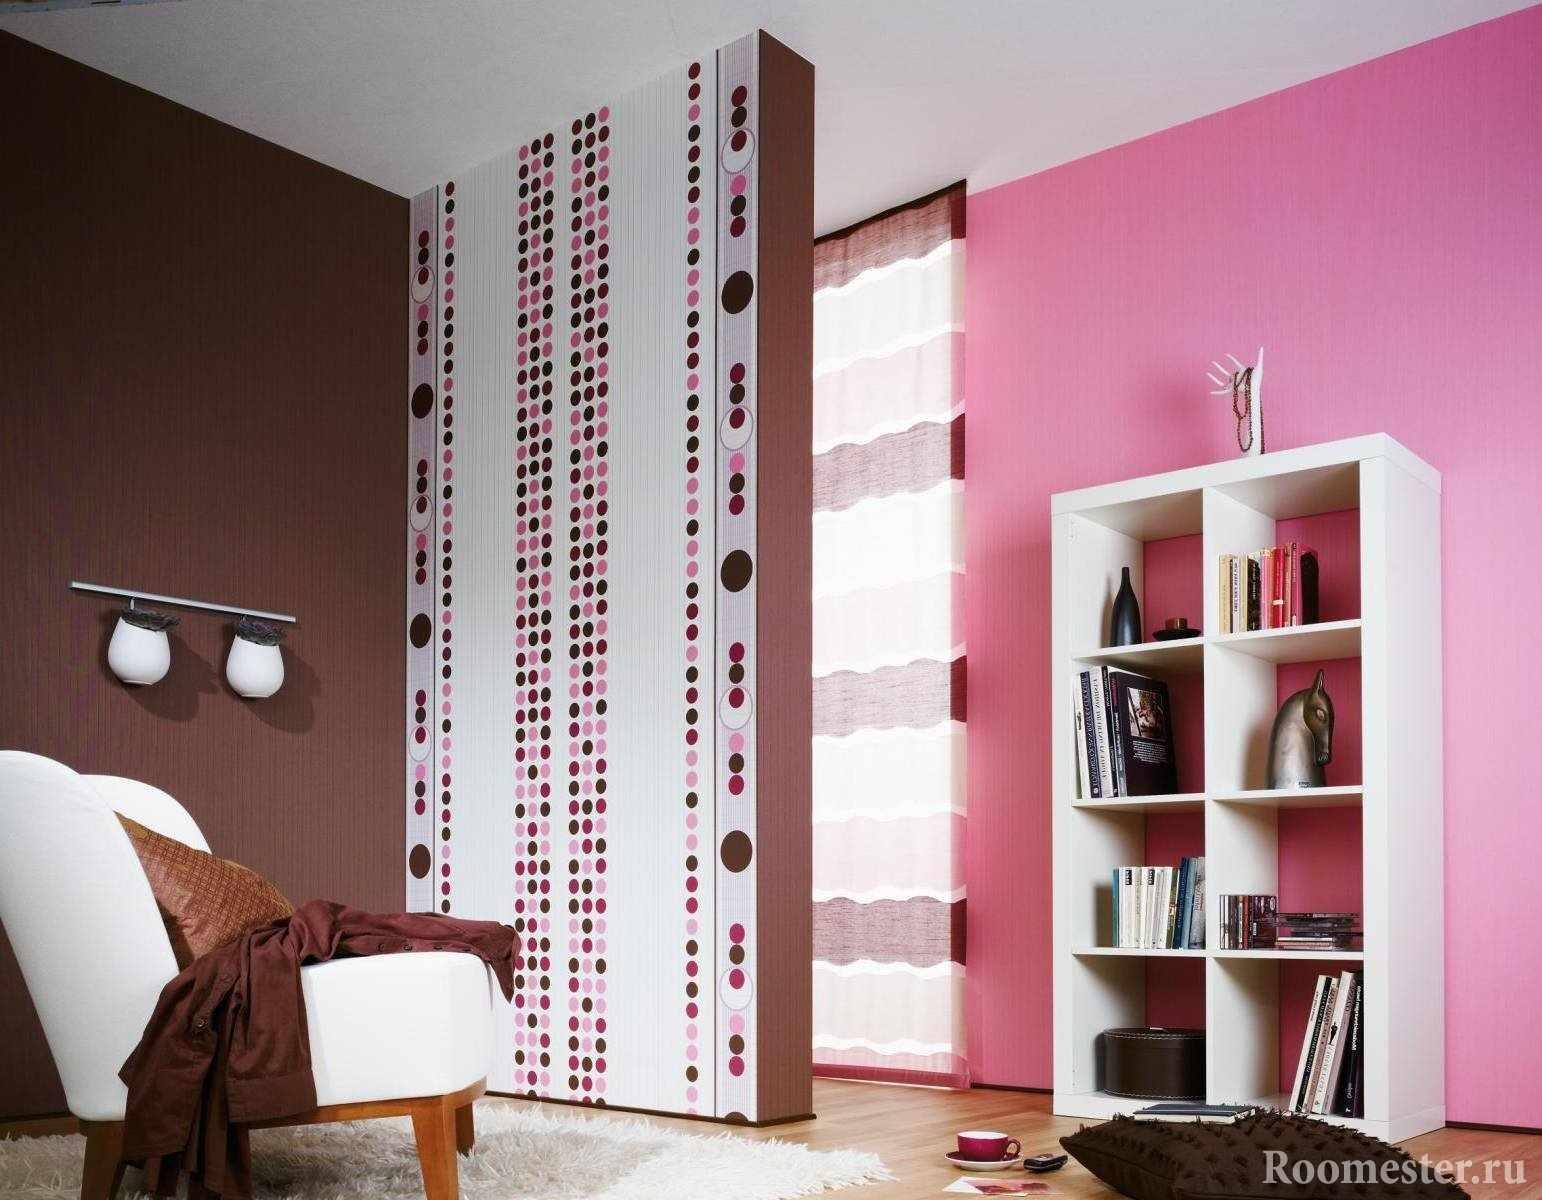 Розовый и коричневый